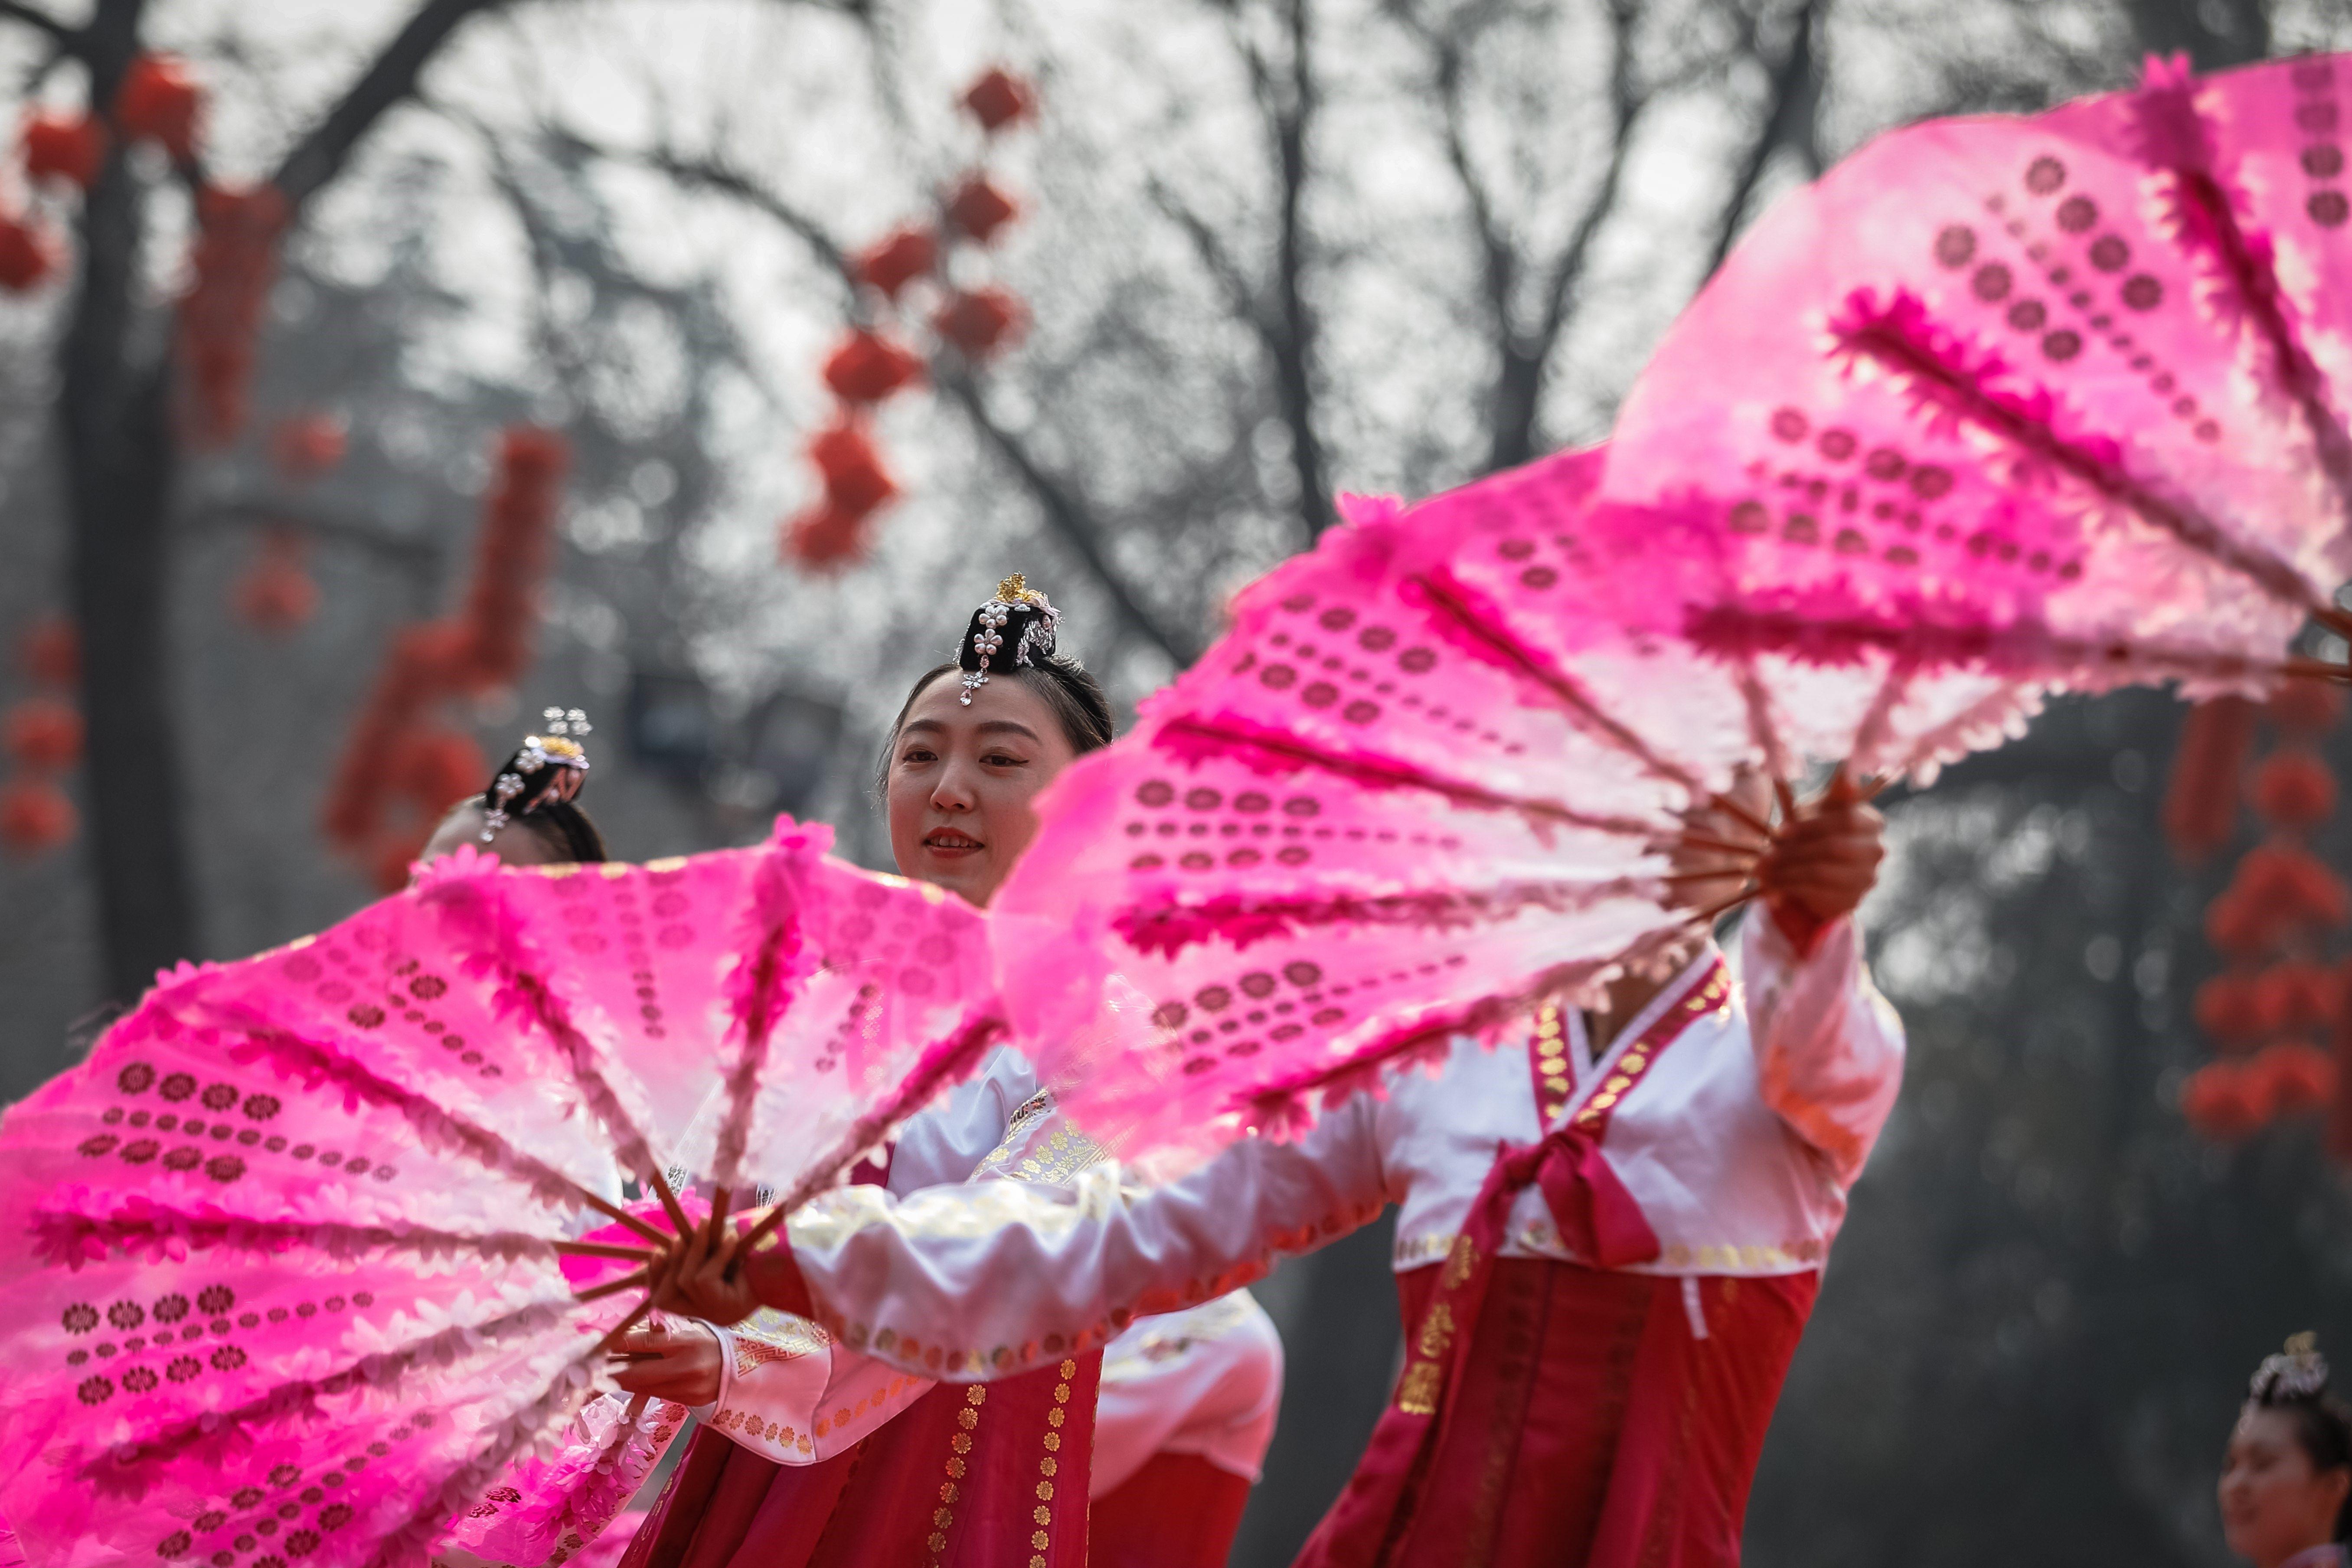 Diverses artistes actuen durant les celebracions de l'Any Nou Lunar al parc de Longtan, a Pequín (Xina). /ROMAN PILIPEY